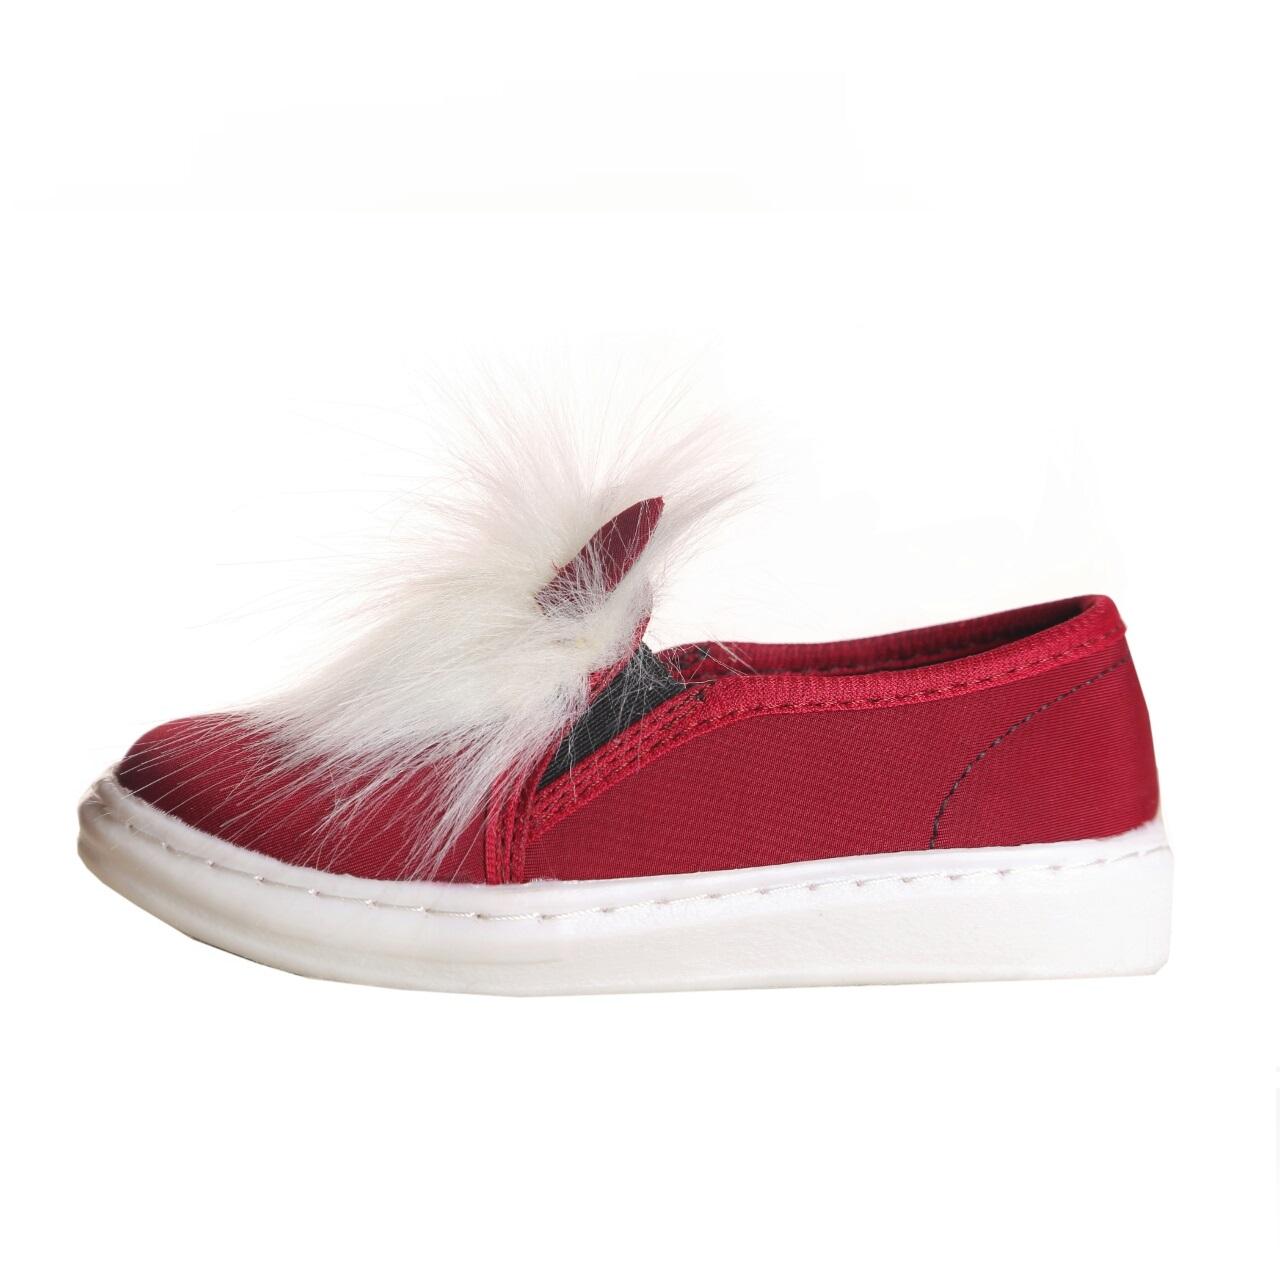 کفش بچگانه طرح خرگوش زرشکی رنگ